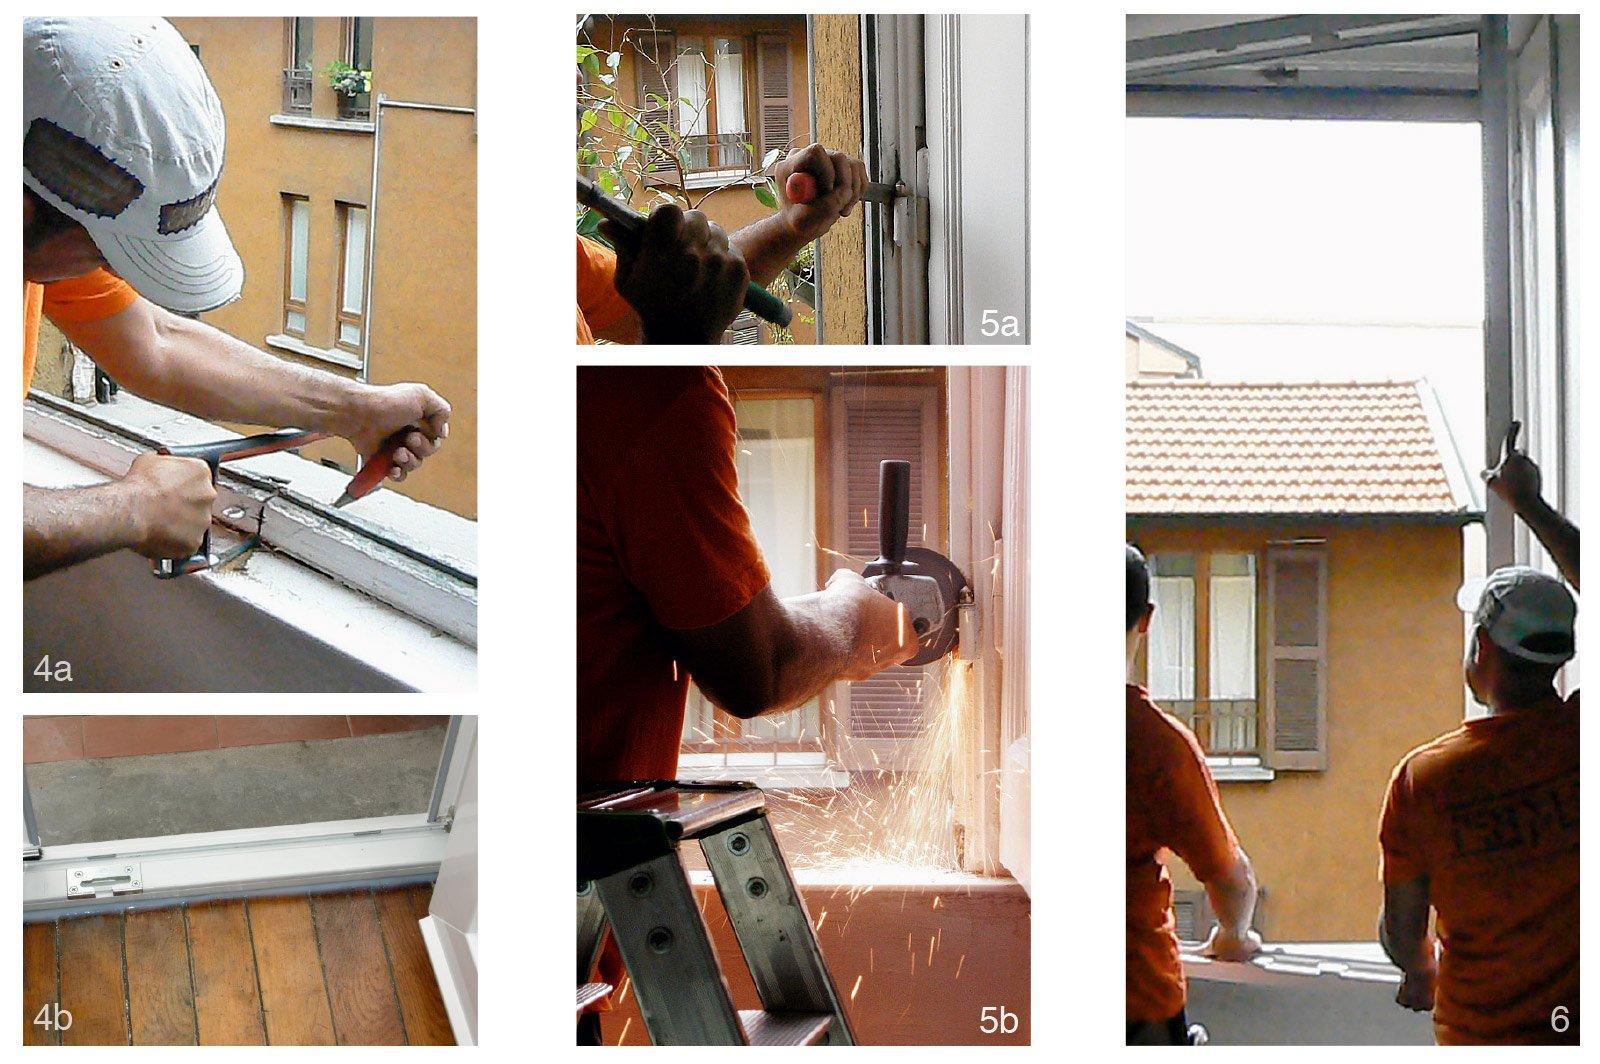 Sostituire le finestre 14 fasi di lavoro cose di casa - Aprire una nuova finestra ...